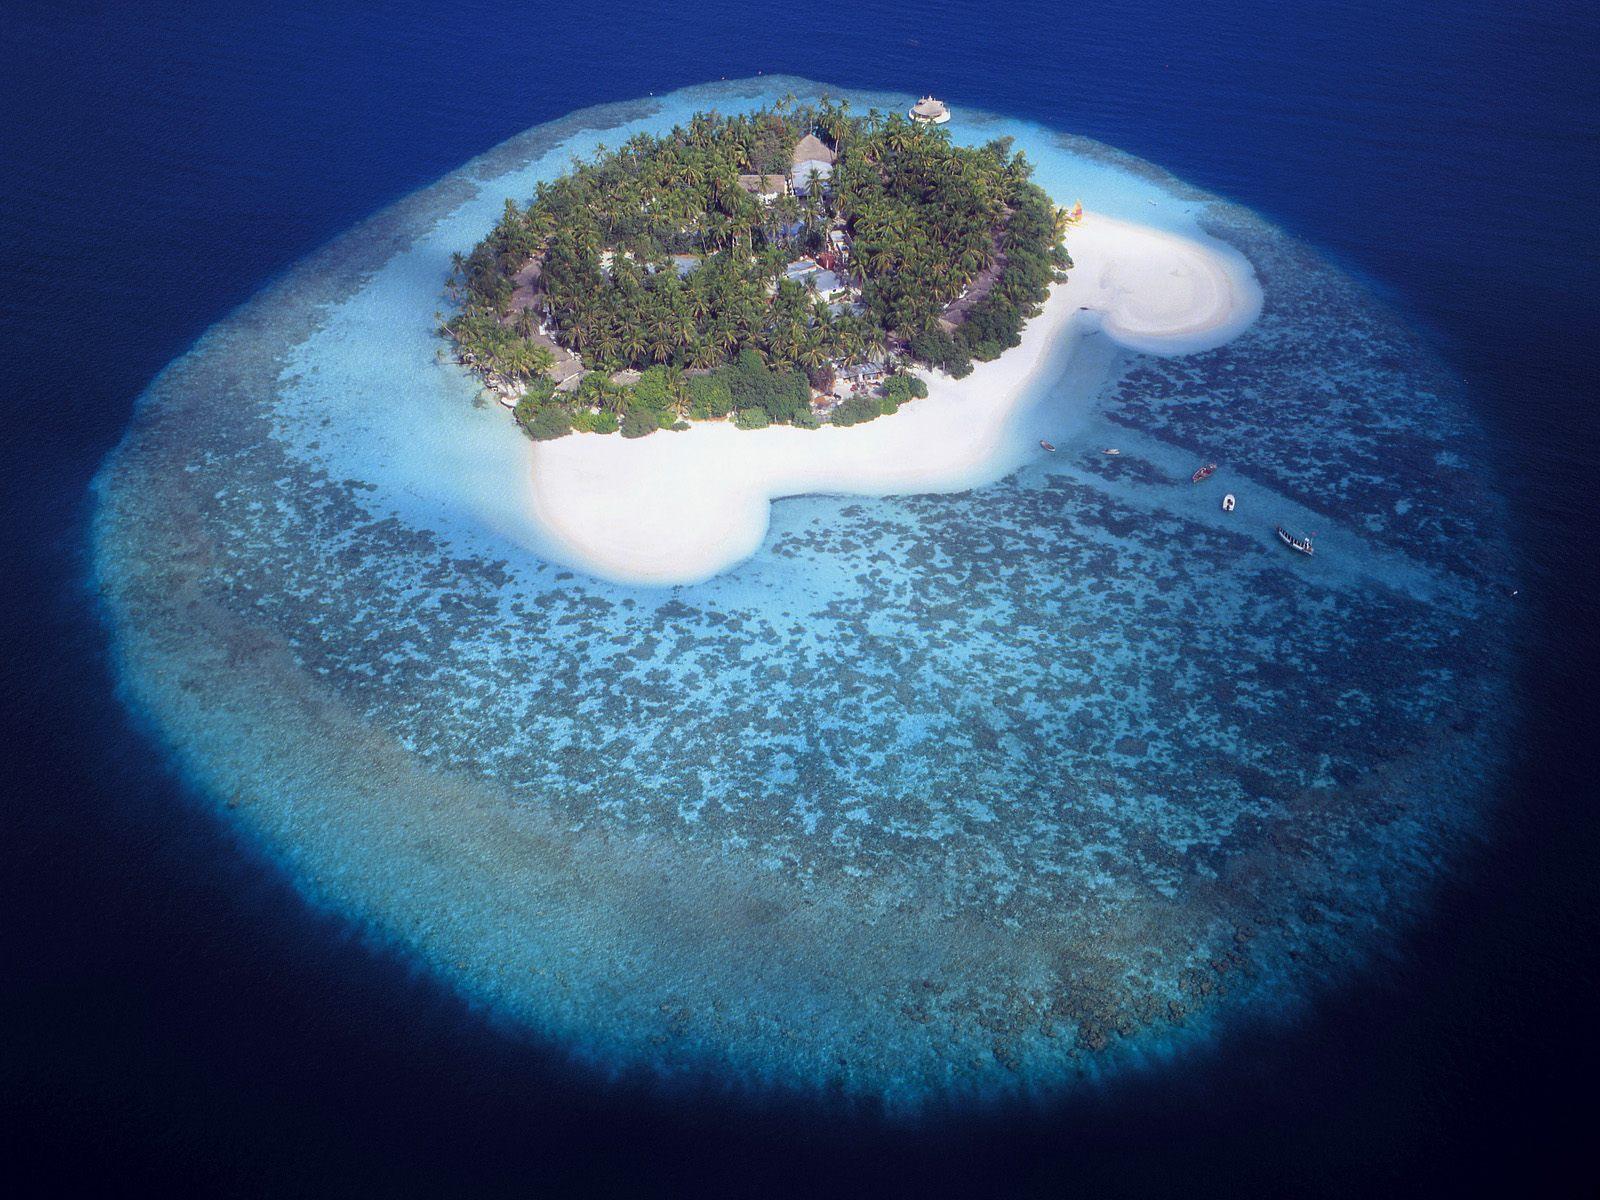 http://4.bp.blogspot.com/-S90MdIoCSoU/TiRYOrpFYOI/AAAAAAAACtM/Sx-08Xxa6NM/s1600/tropical+island+wallpaper-3.jpg